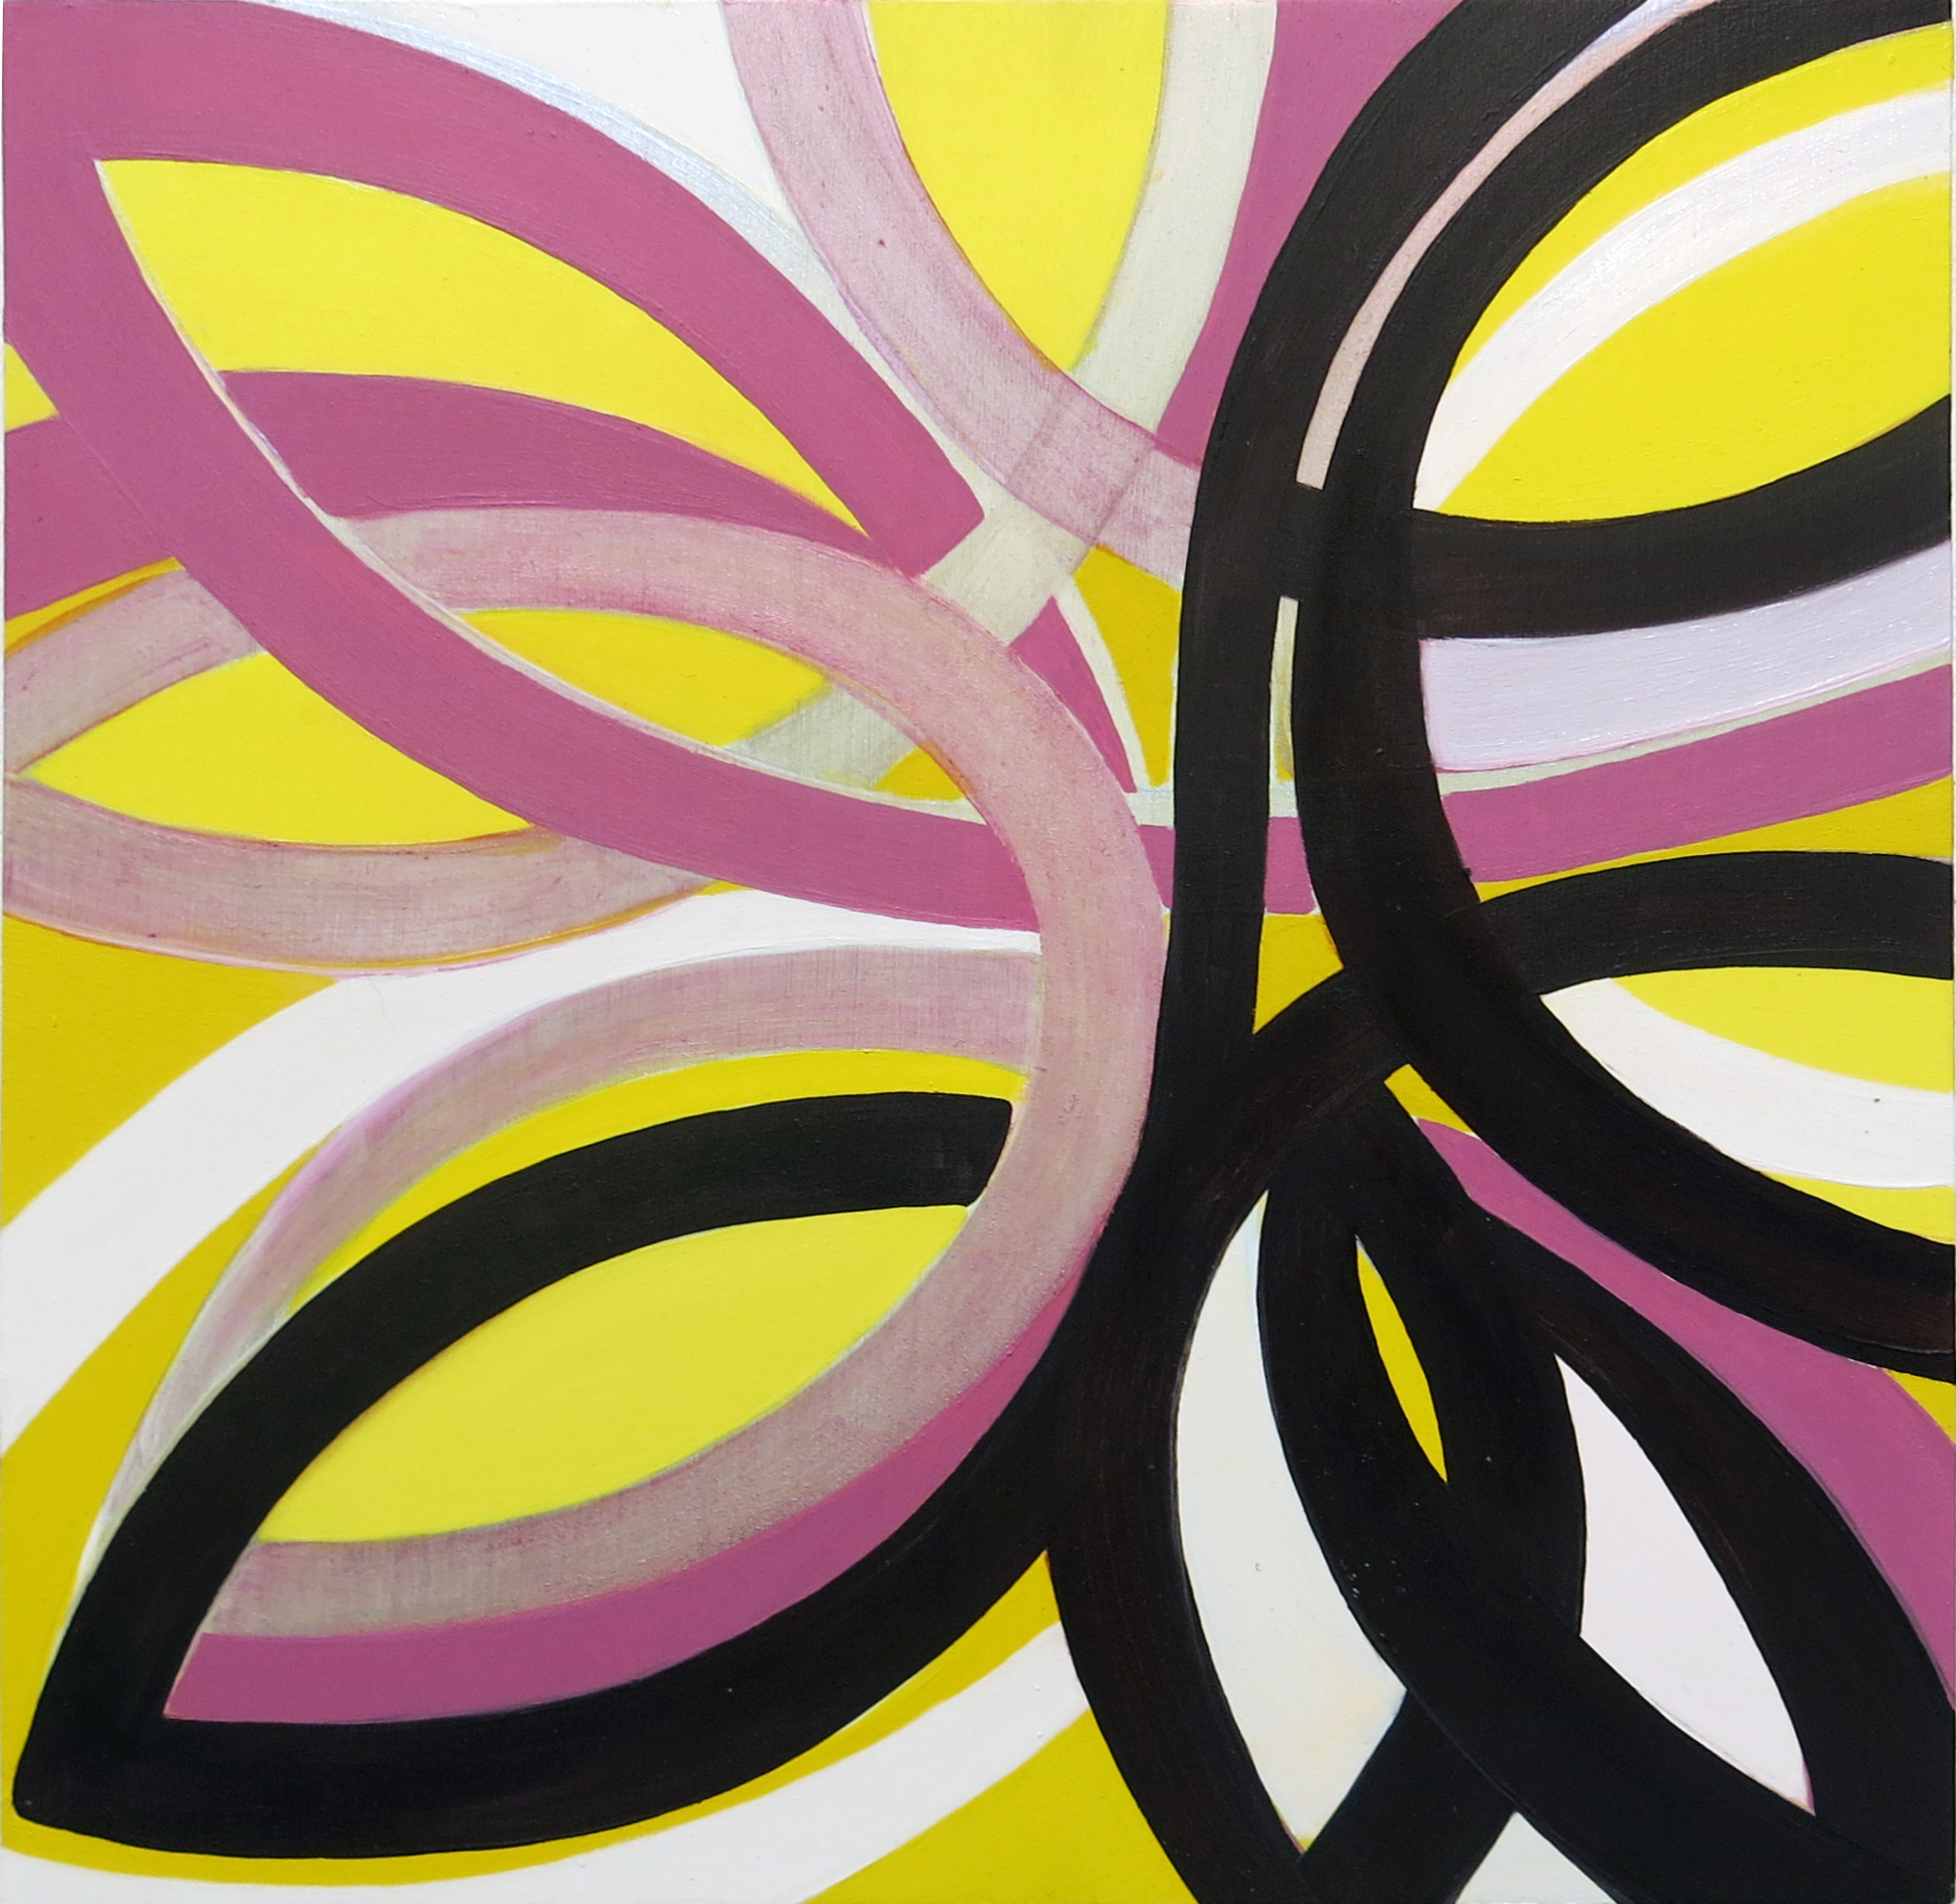 Jenifer Kobylarz, Maybe, 2014, oil on panel, 12h x 12w in.